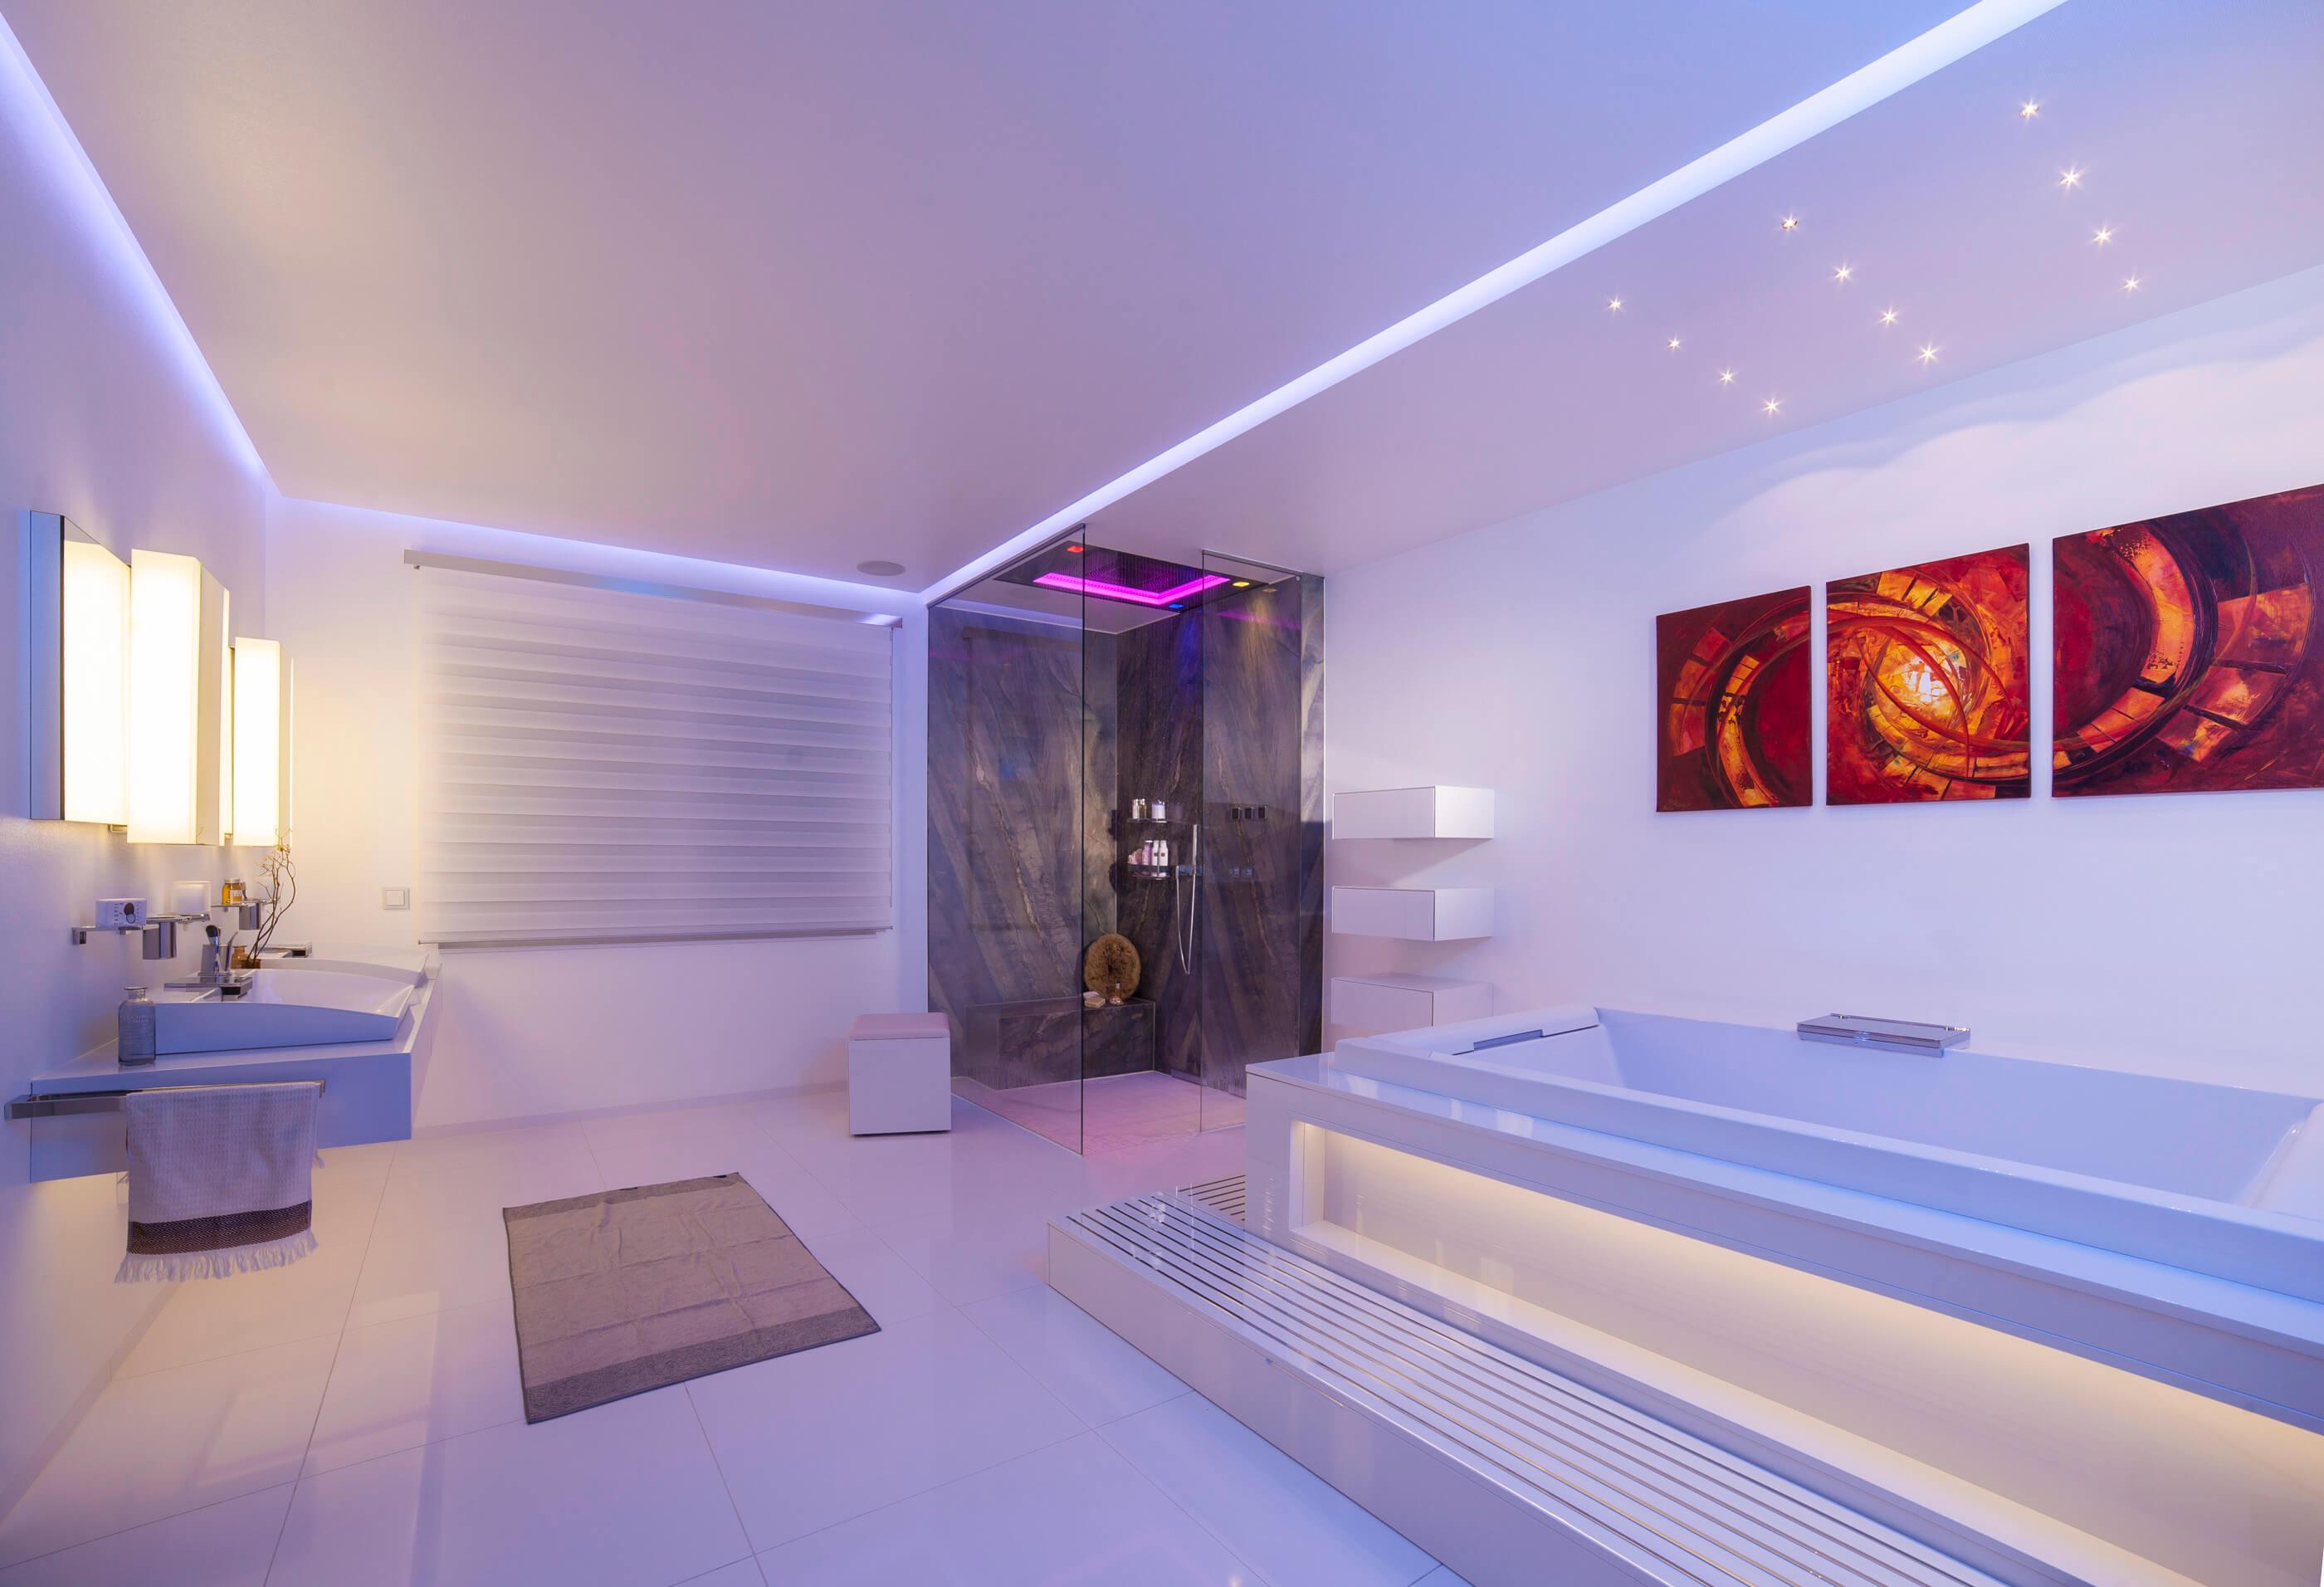 Schon Badezimmer Modern Luxus